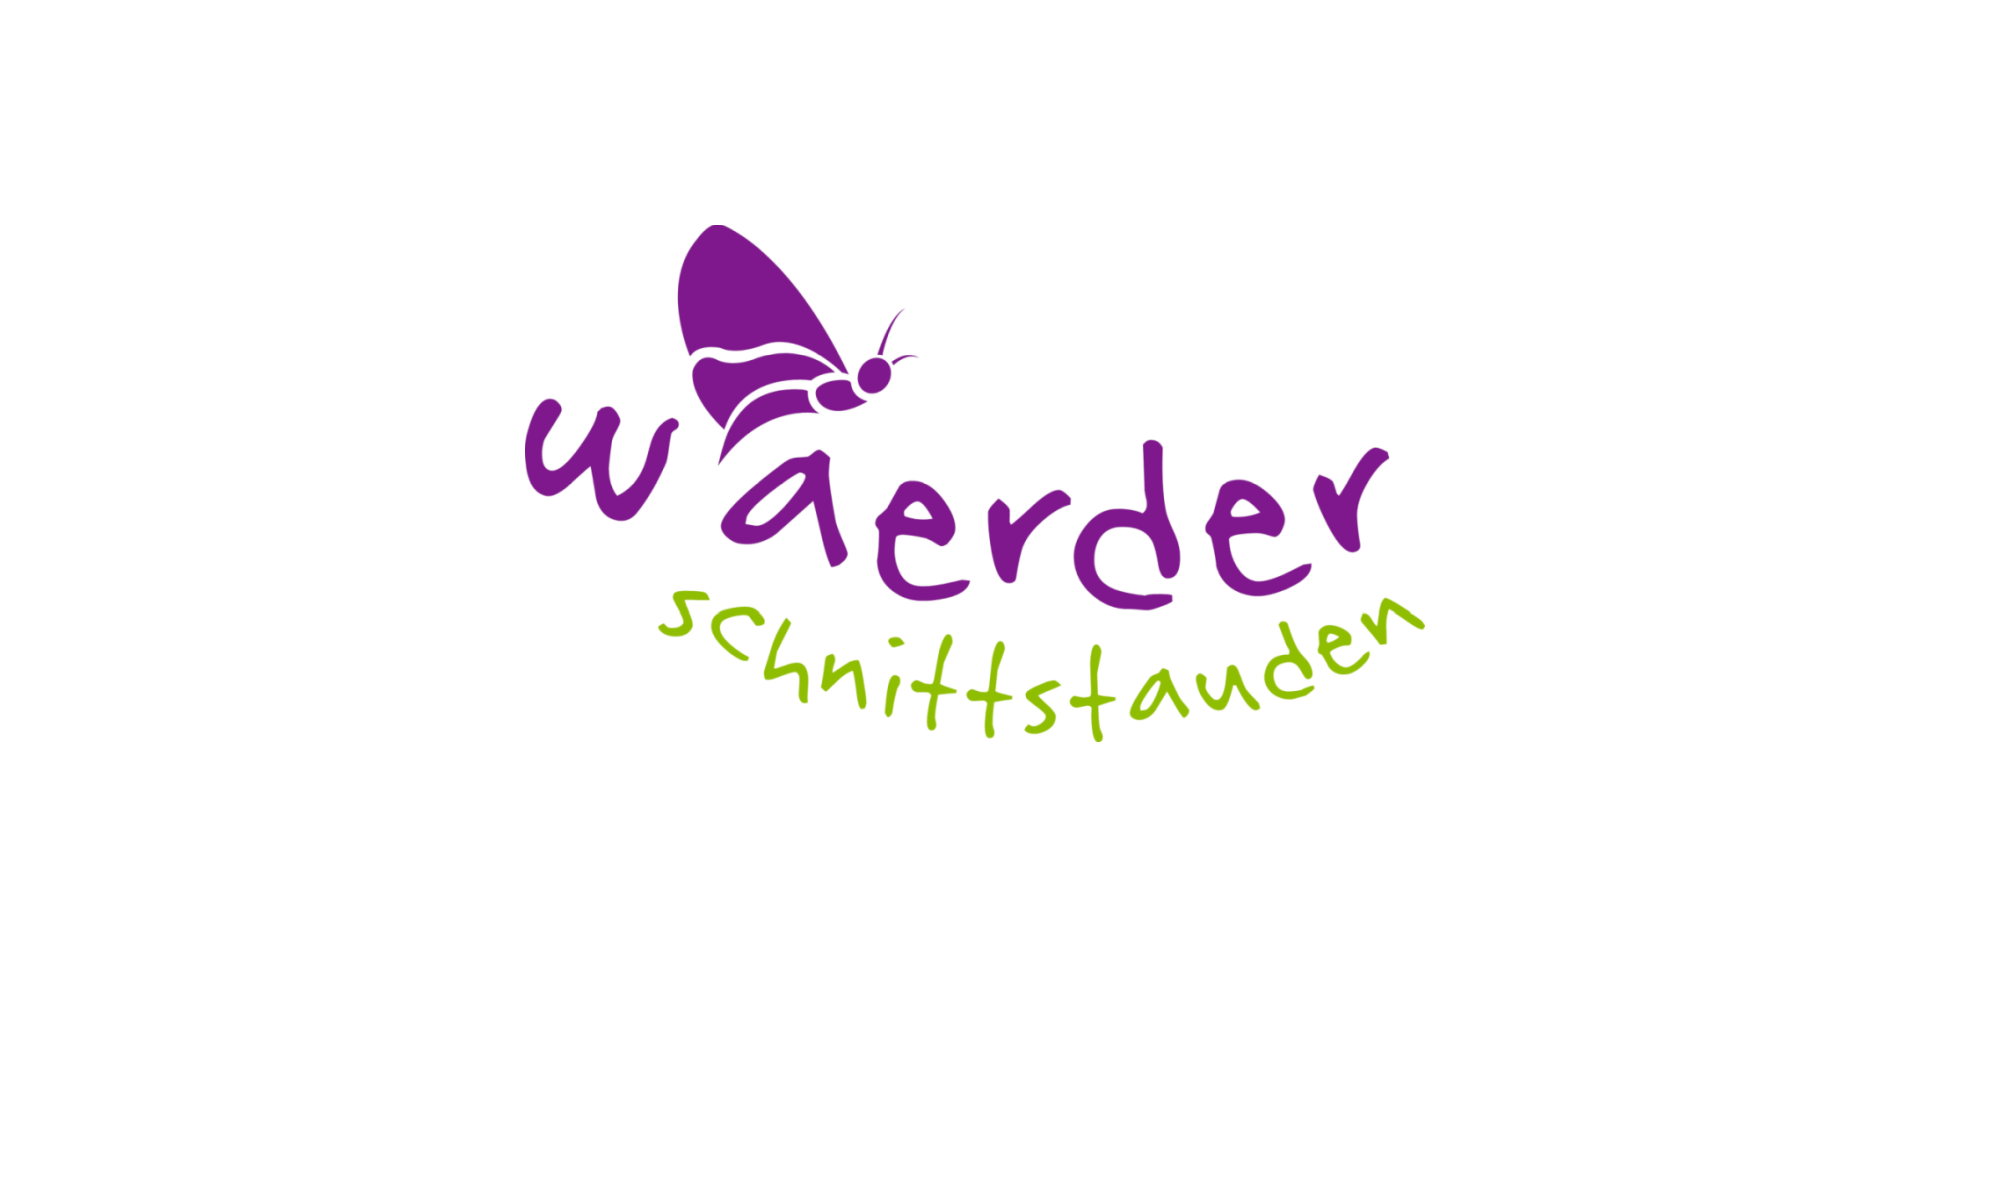 Schnittstauden Waerder